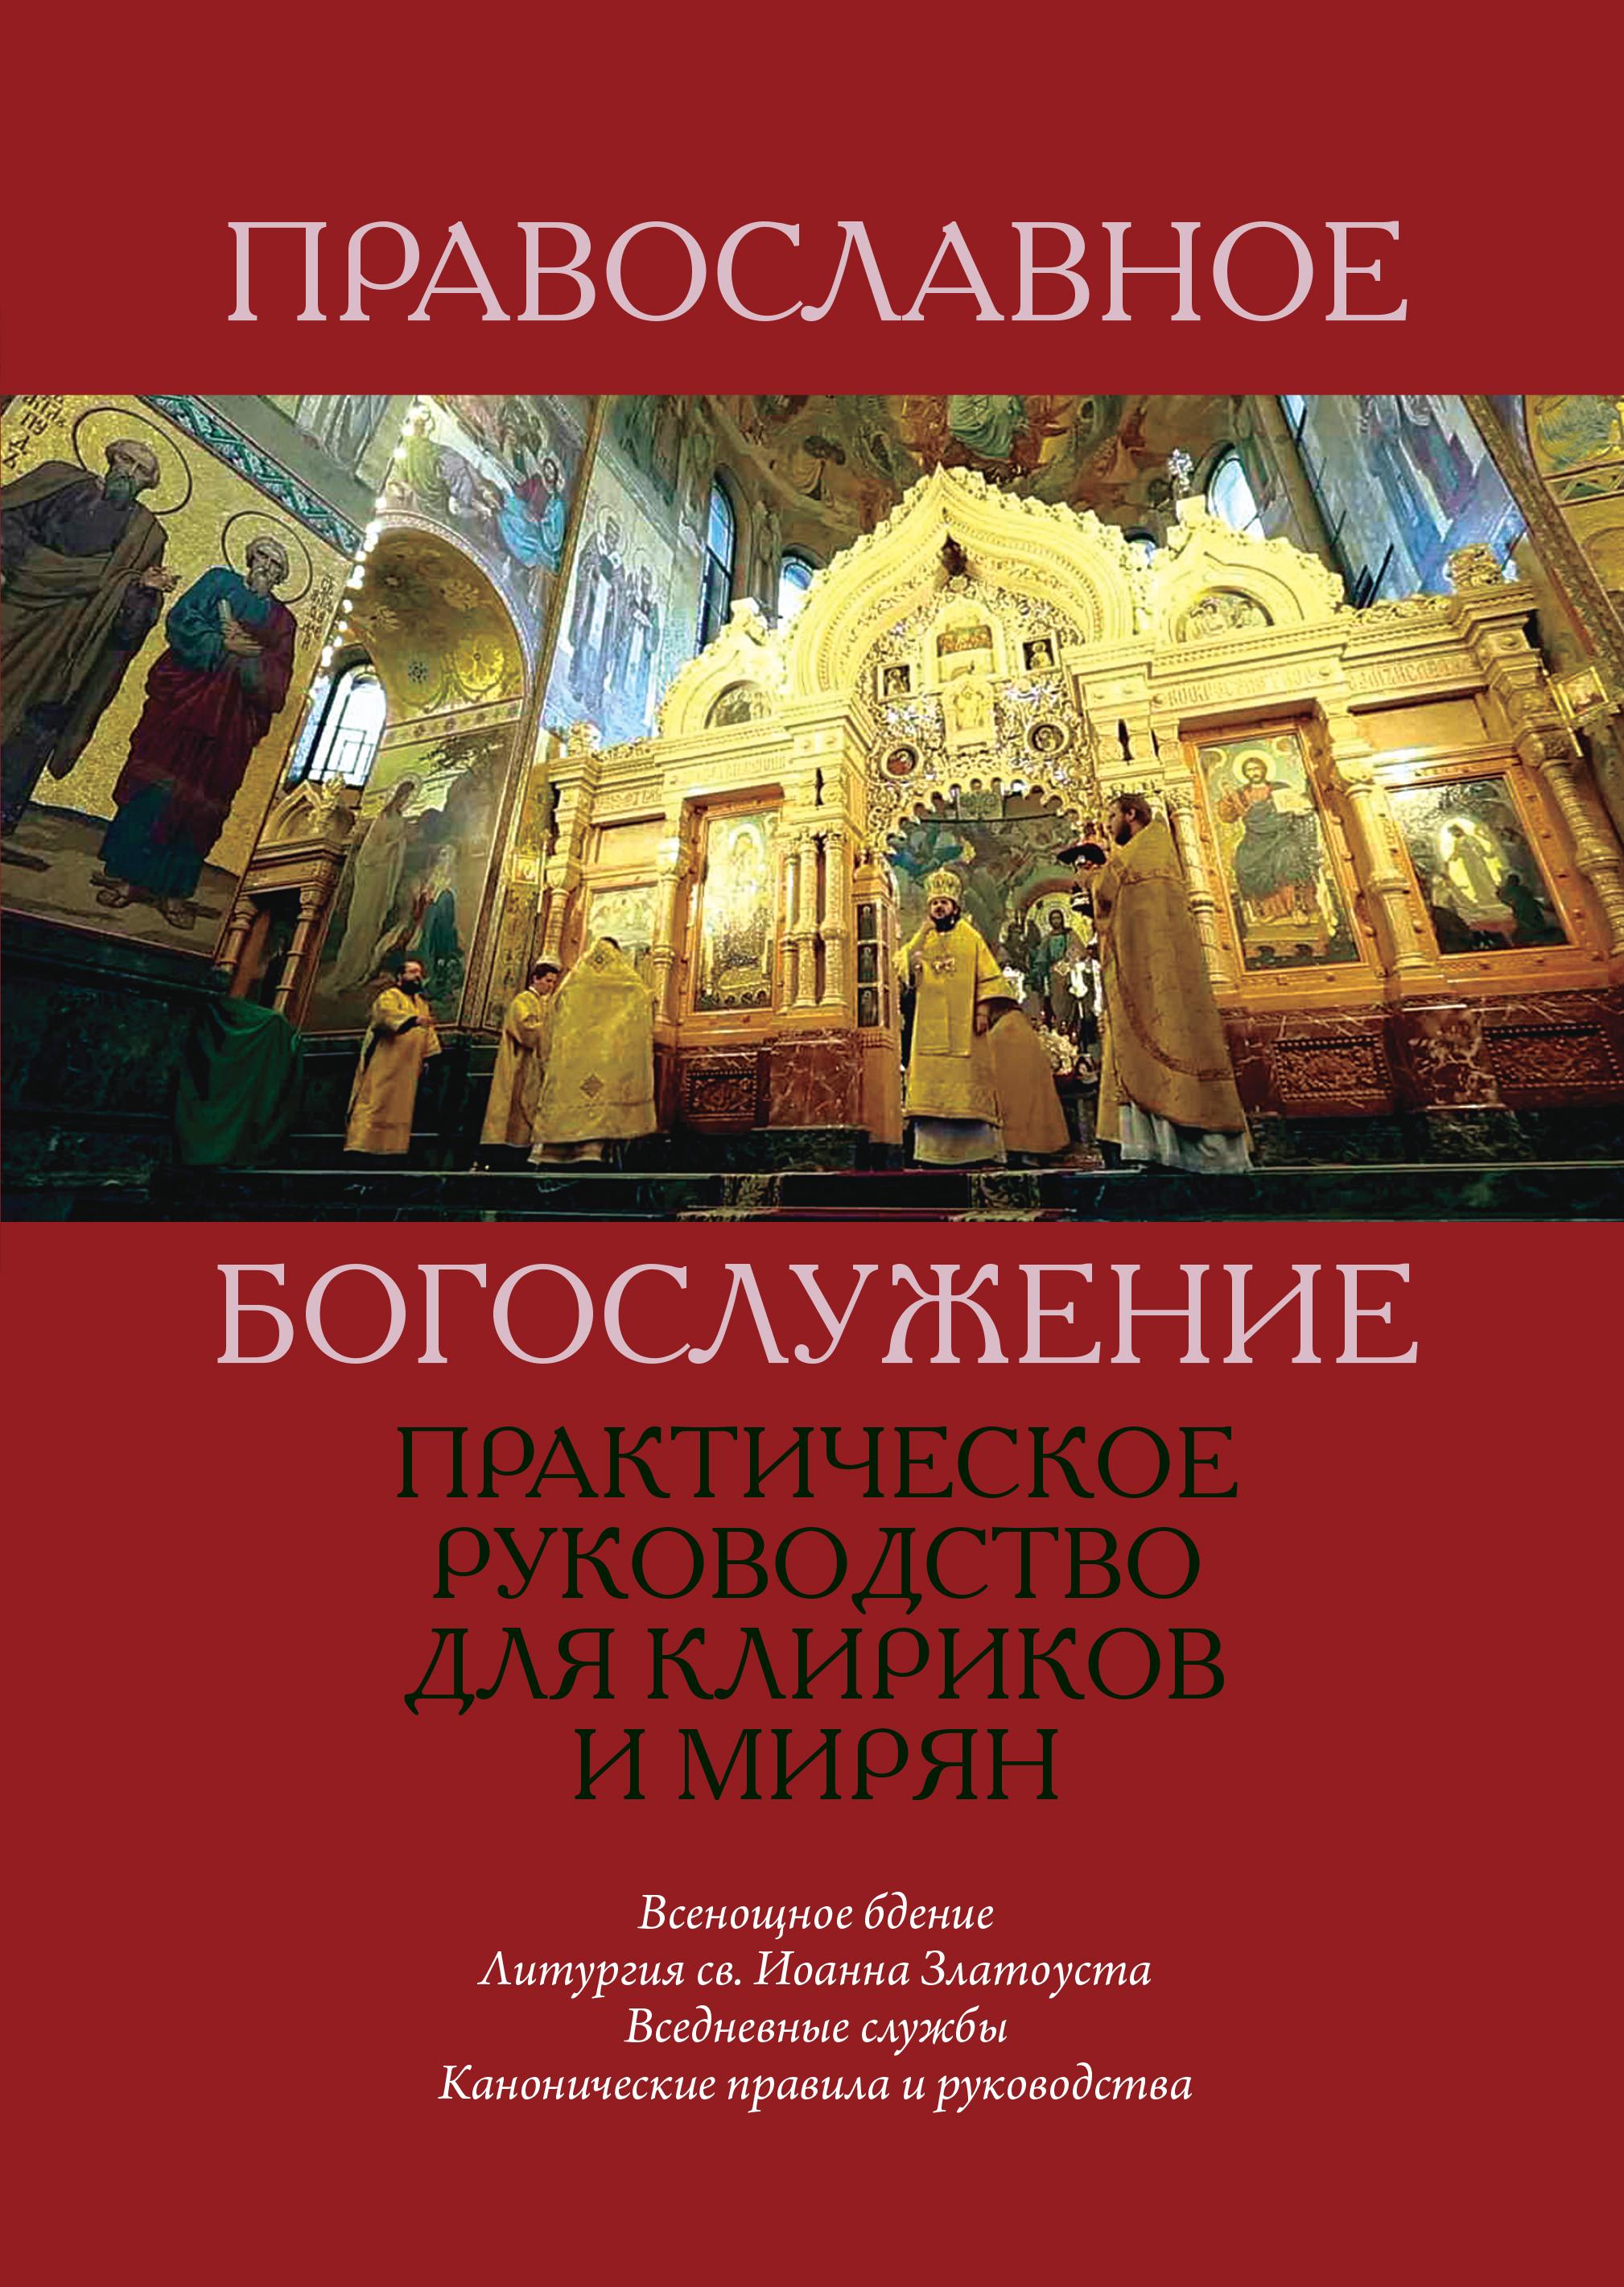 Фото - Отсутствует Православное богослужение. Практическое руководство для клириков и мирян джеймс а холл юнгианское толкование сновидений практическое руководство